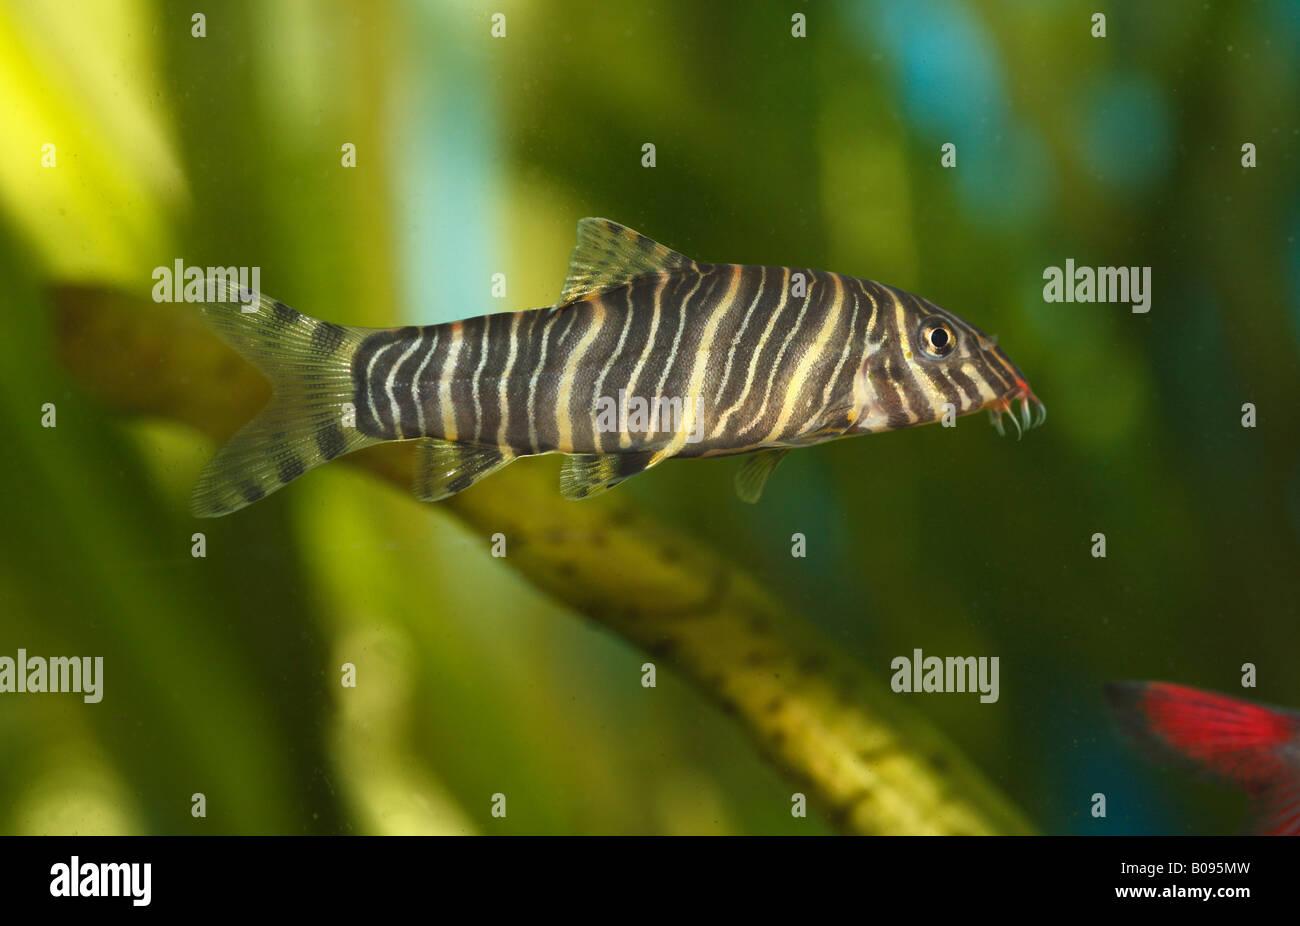 Freshwater aquarium fish loach - Zebra Loach Botia Striata Native To India Warm Water Freshwater Aquarium